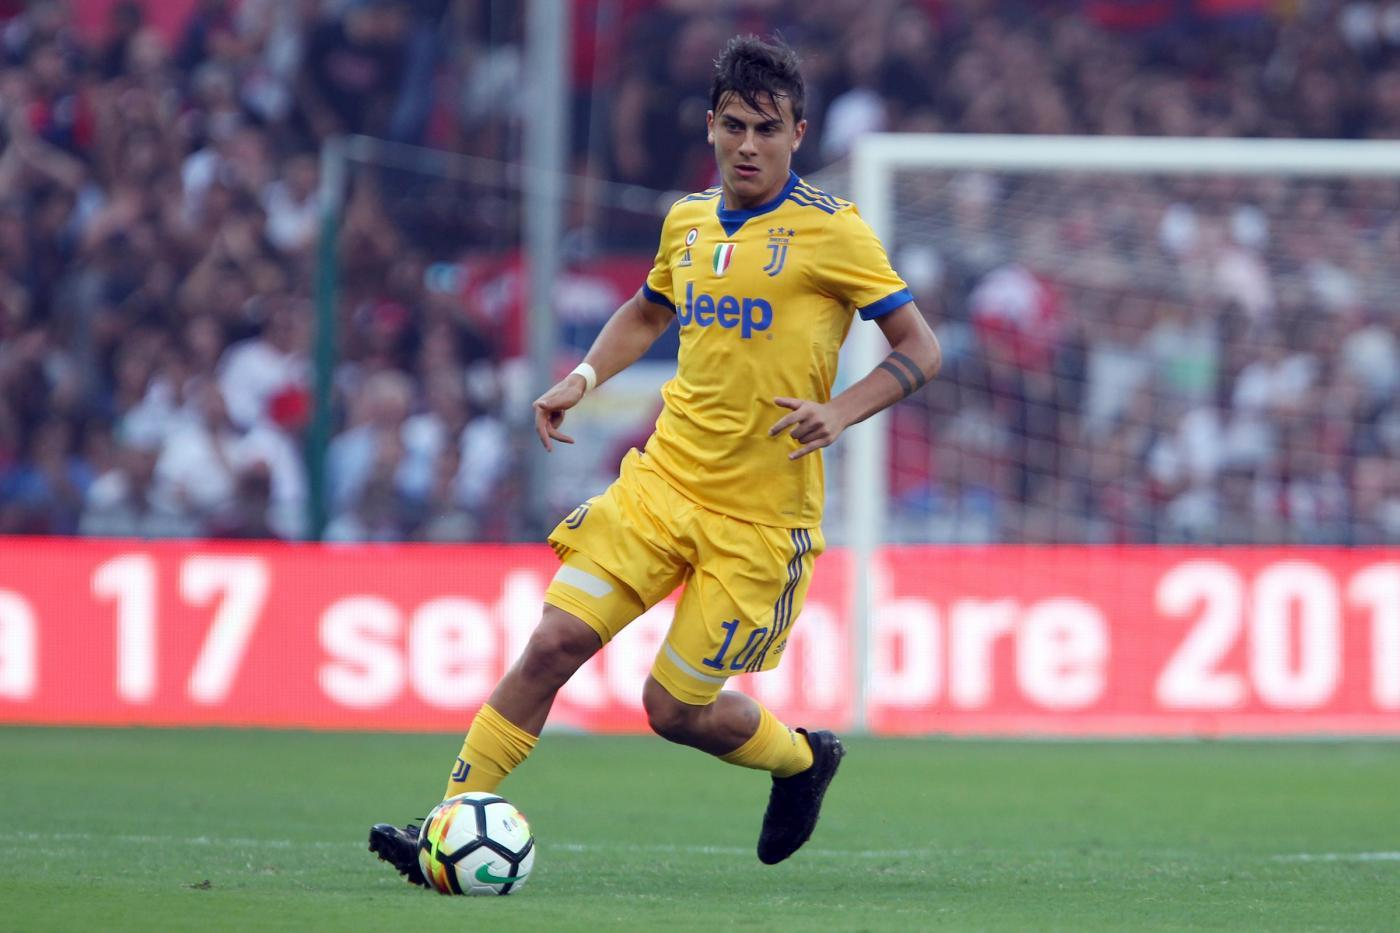 Serie A, Sassuolo-Juve 1-3: le foto